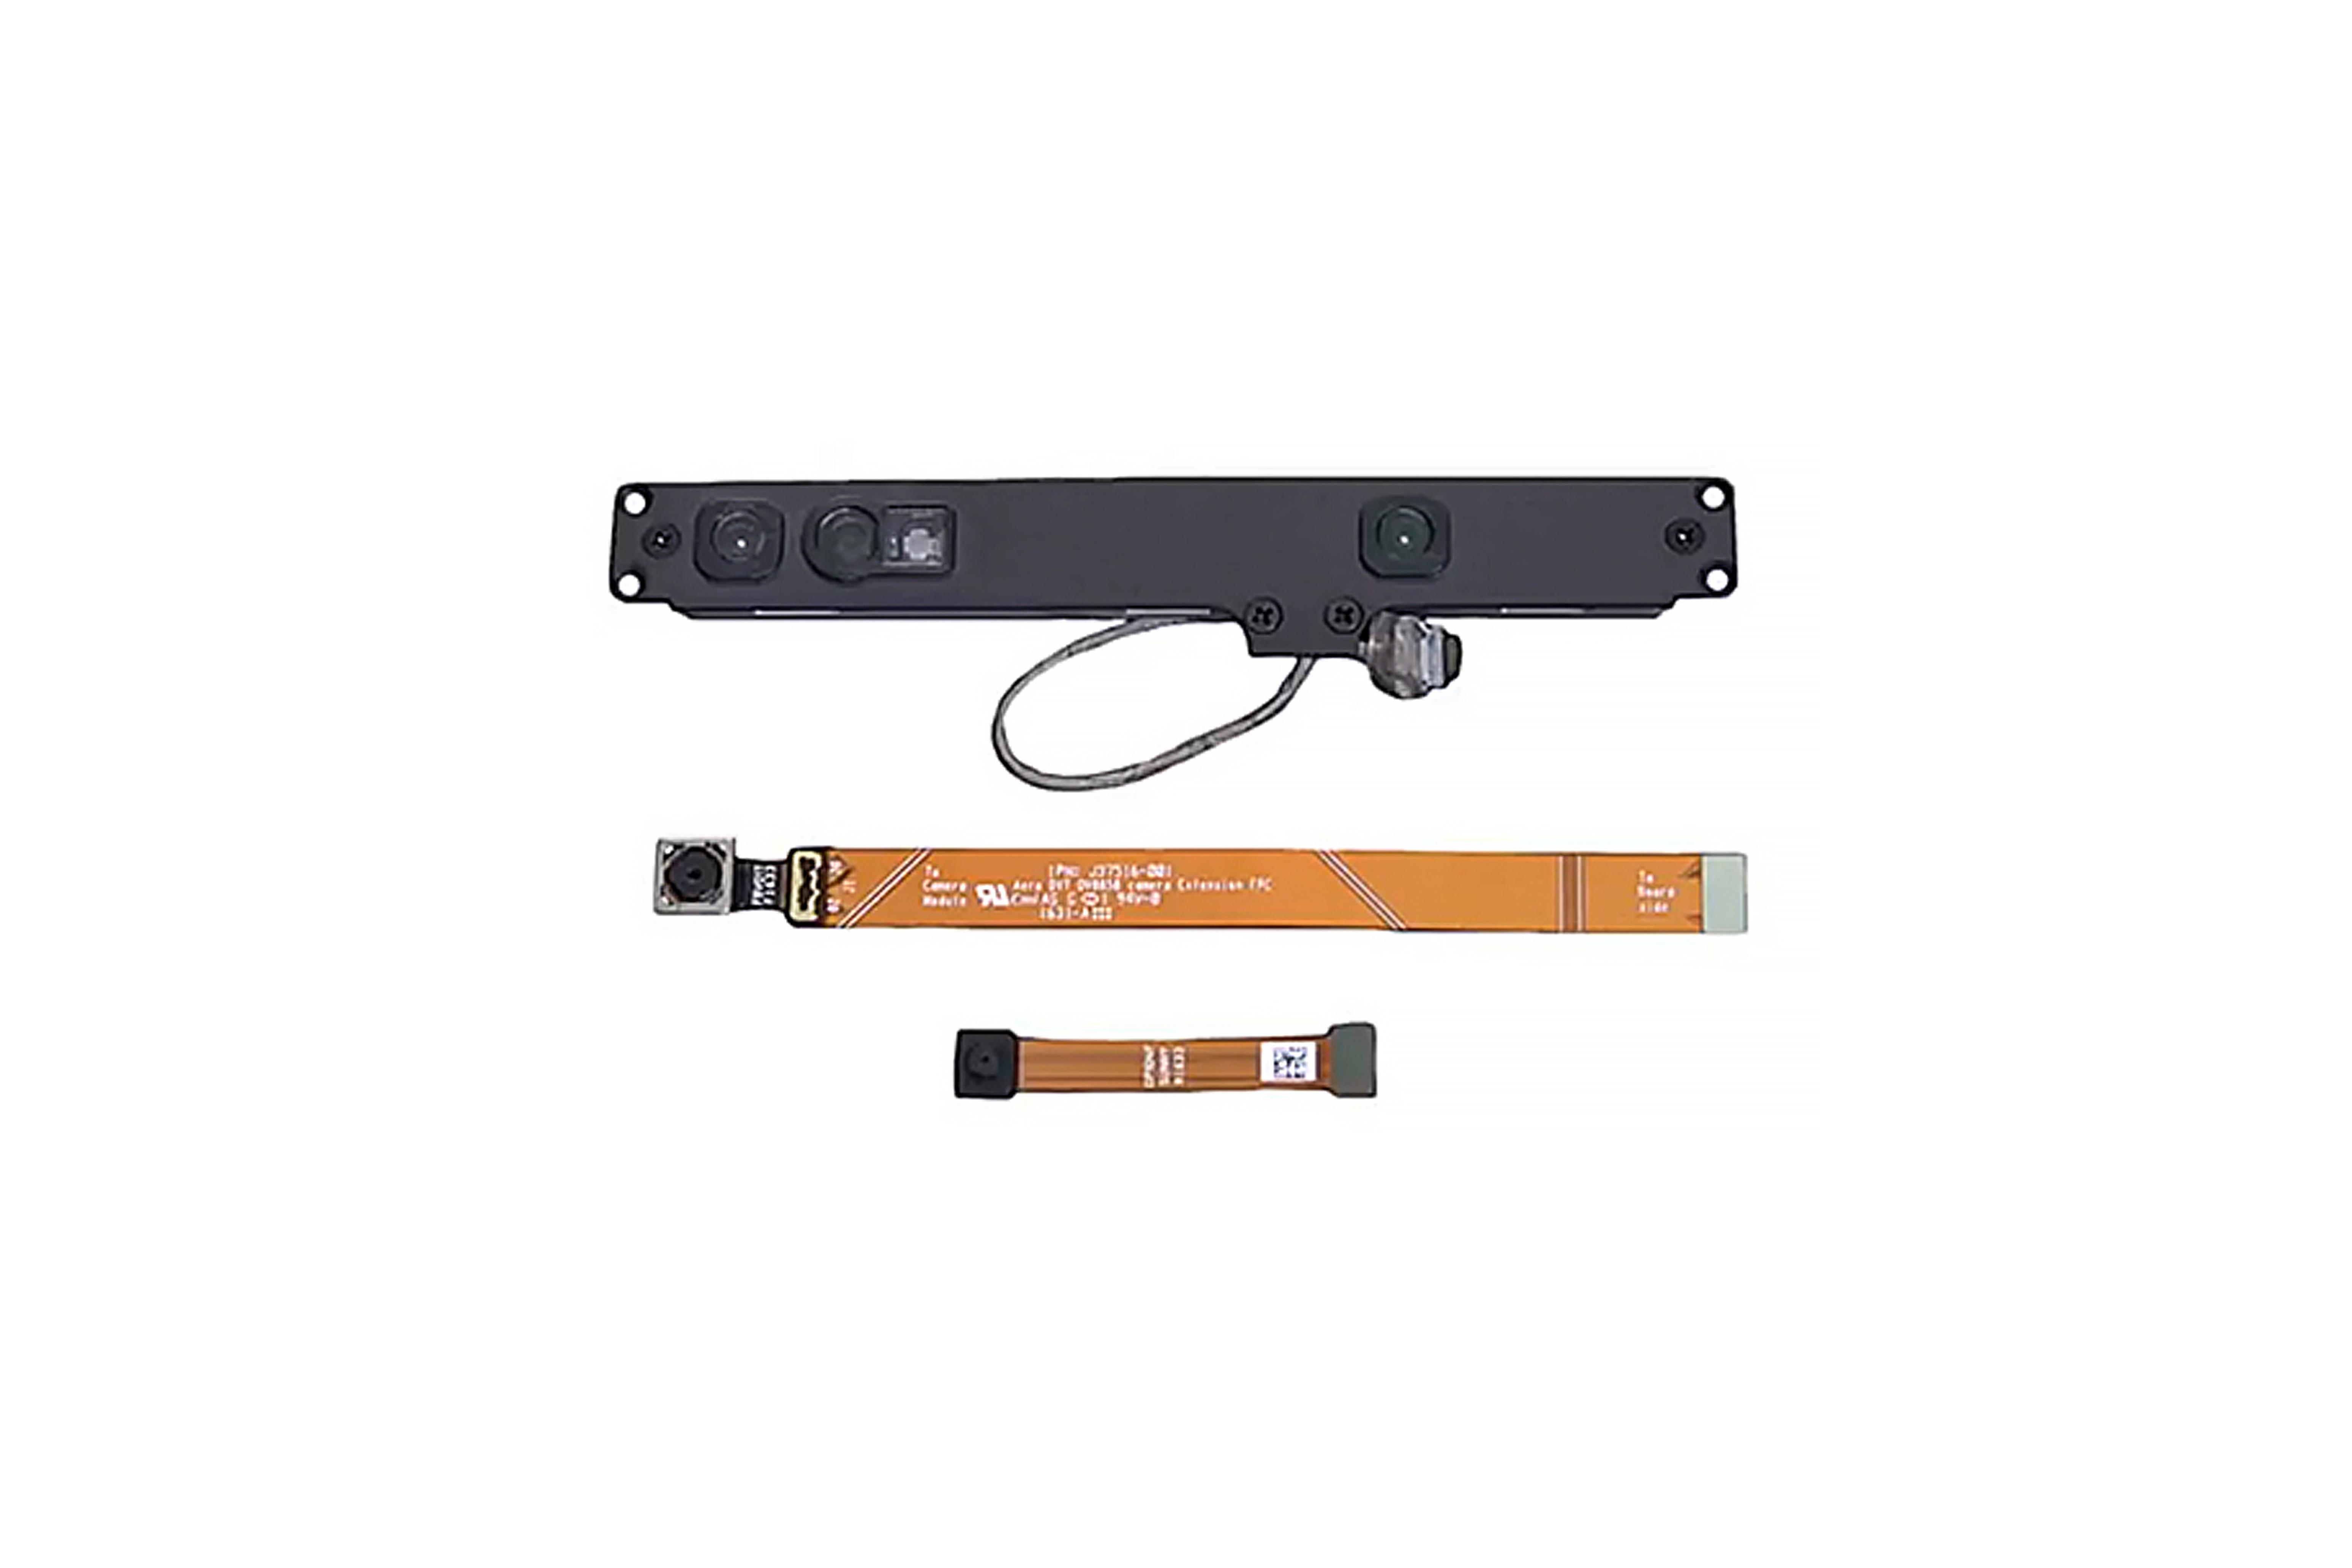 Kit d'accessoires Intel 953184 Aero Vision